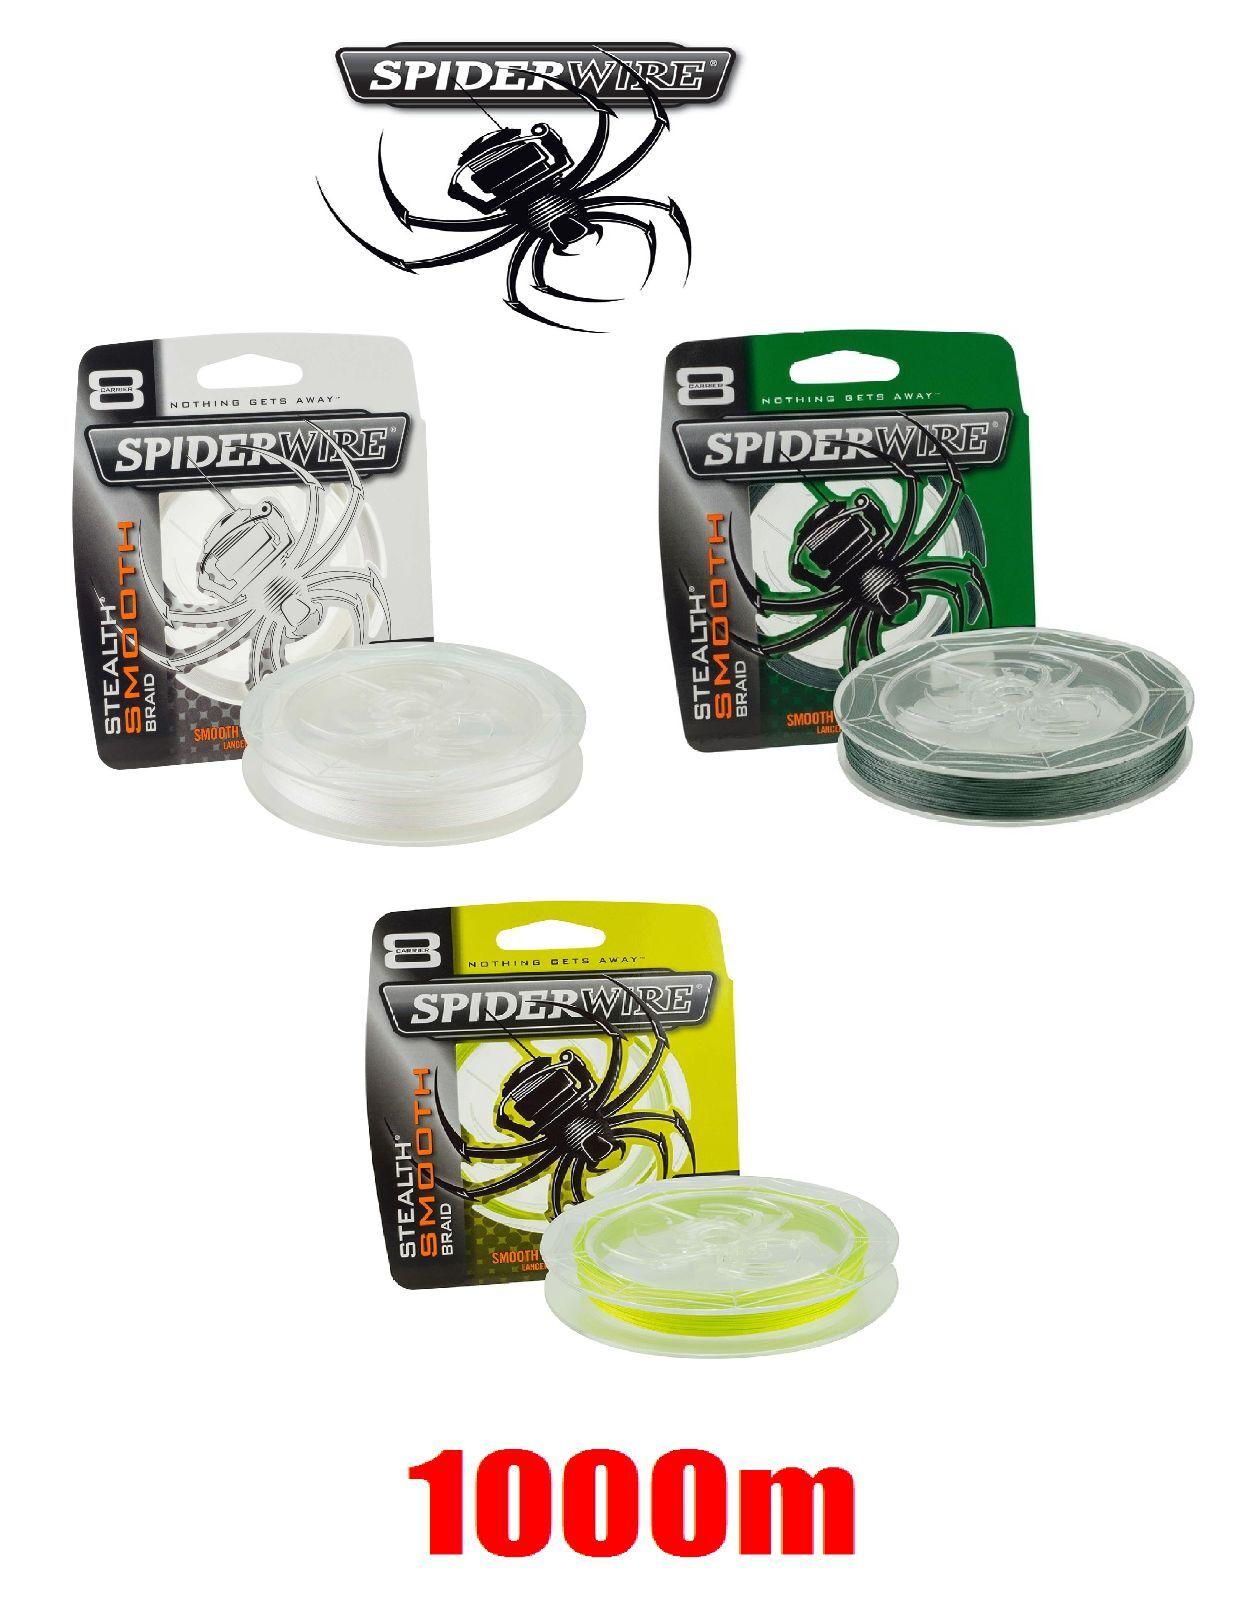 Spiderwire Stealth 8 Smooth Grün    Weiß   Gelb 1000m geflochtene Schnur